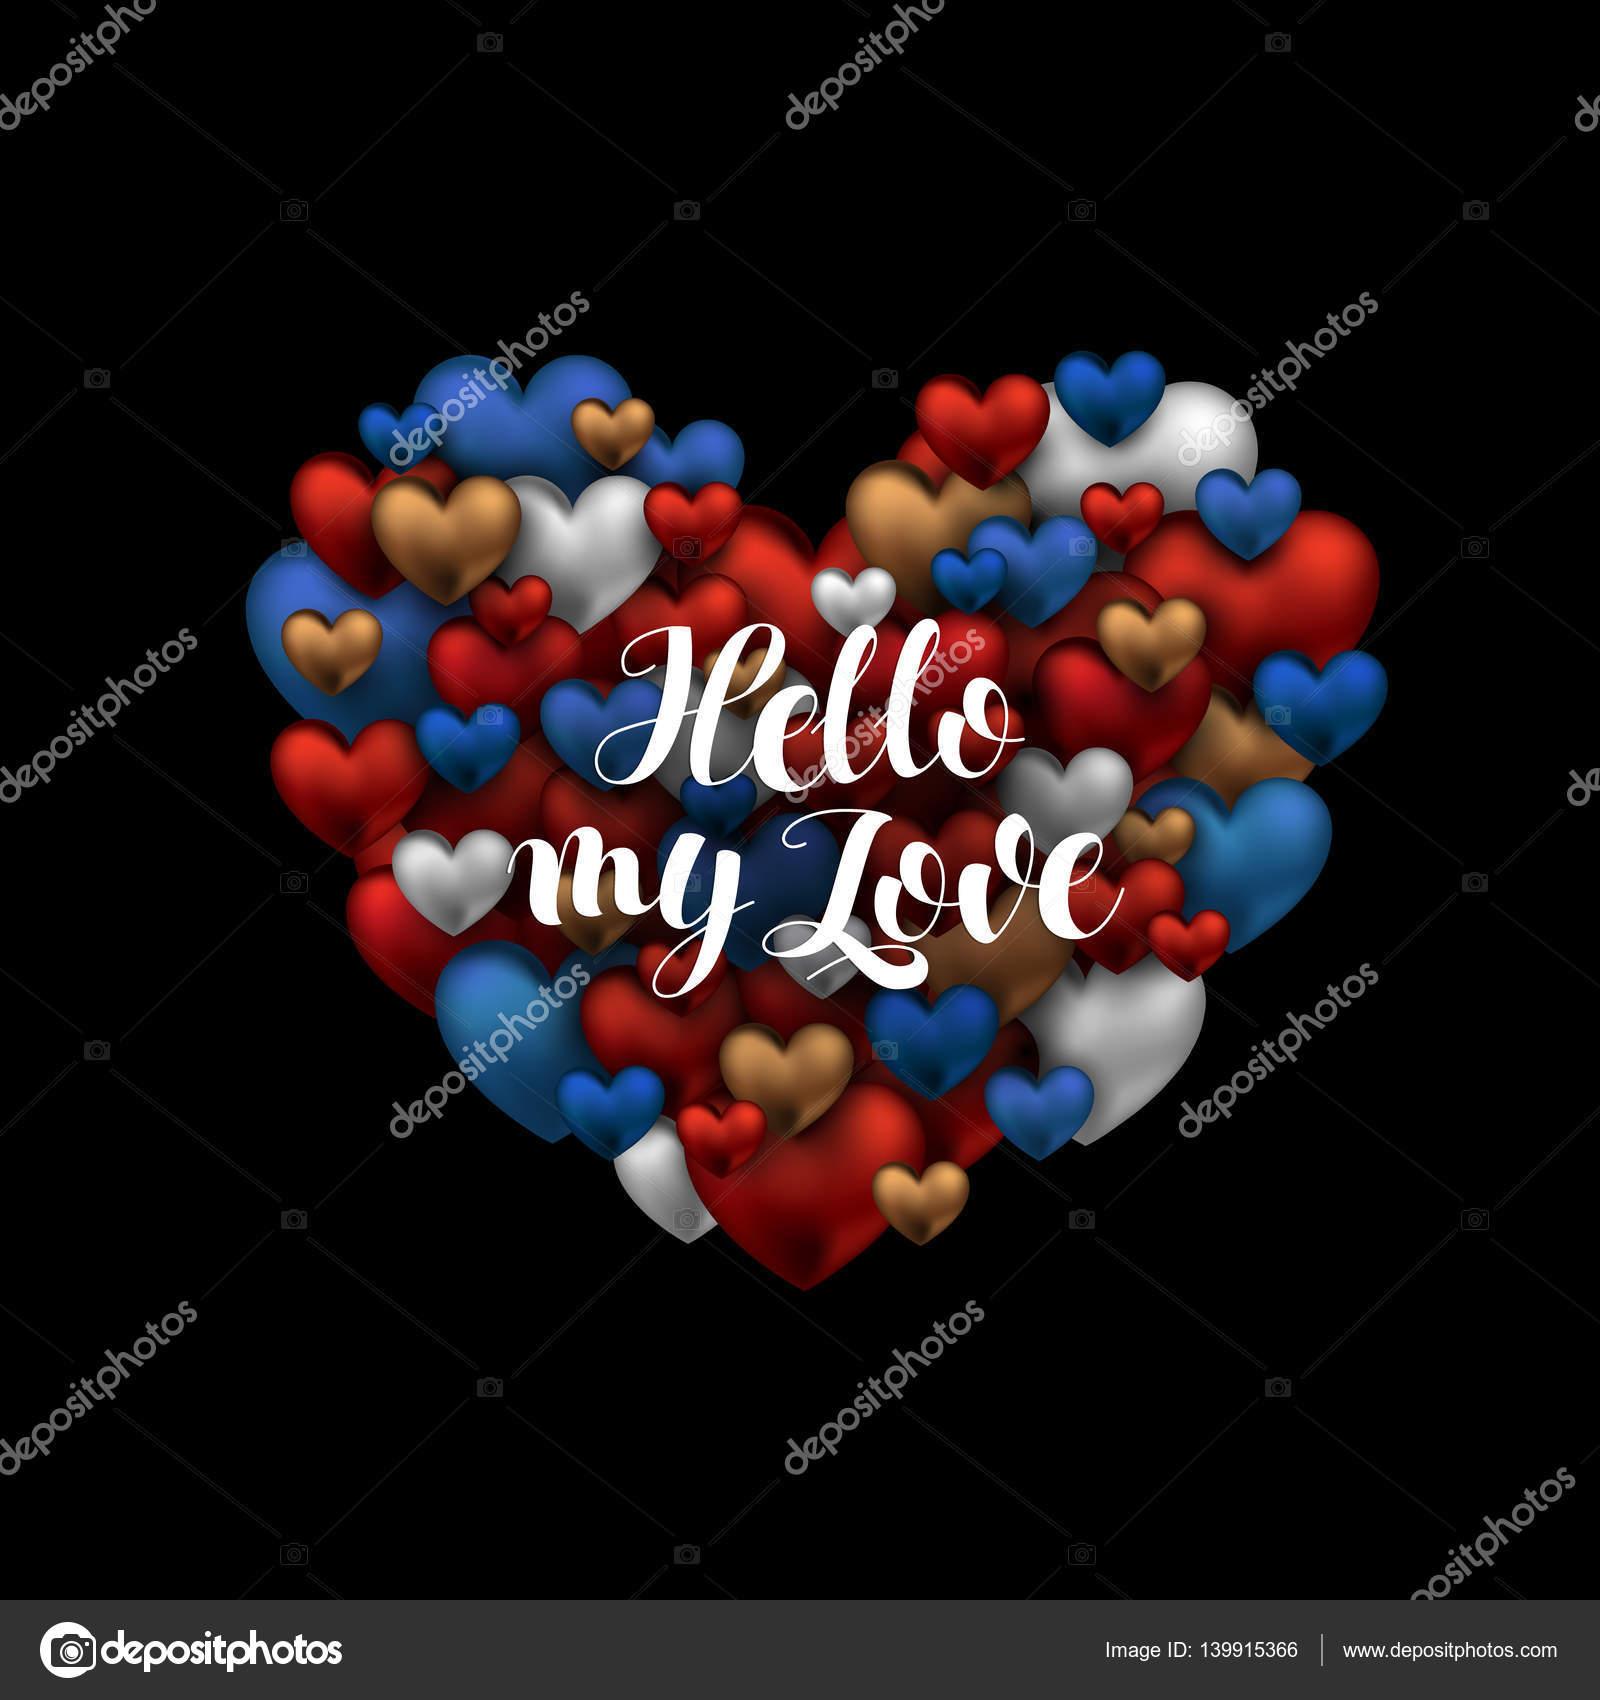 Fondo Fondos Para Escribir Frases De Amor Hola Mi Frase